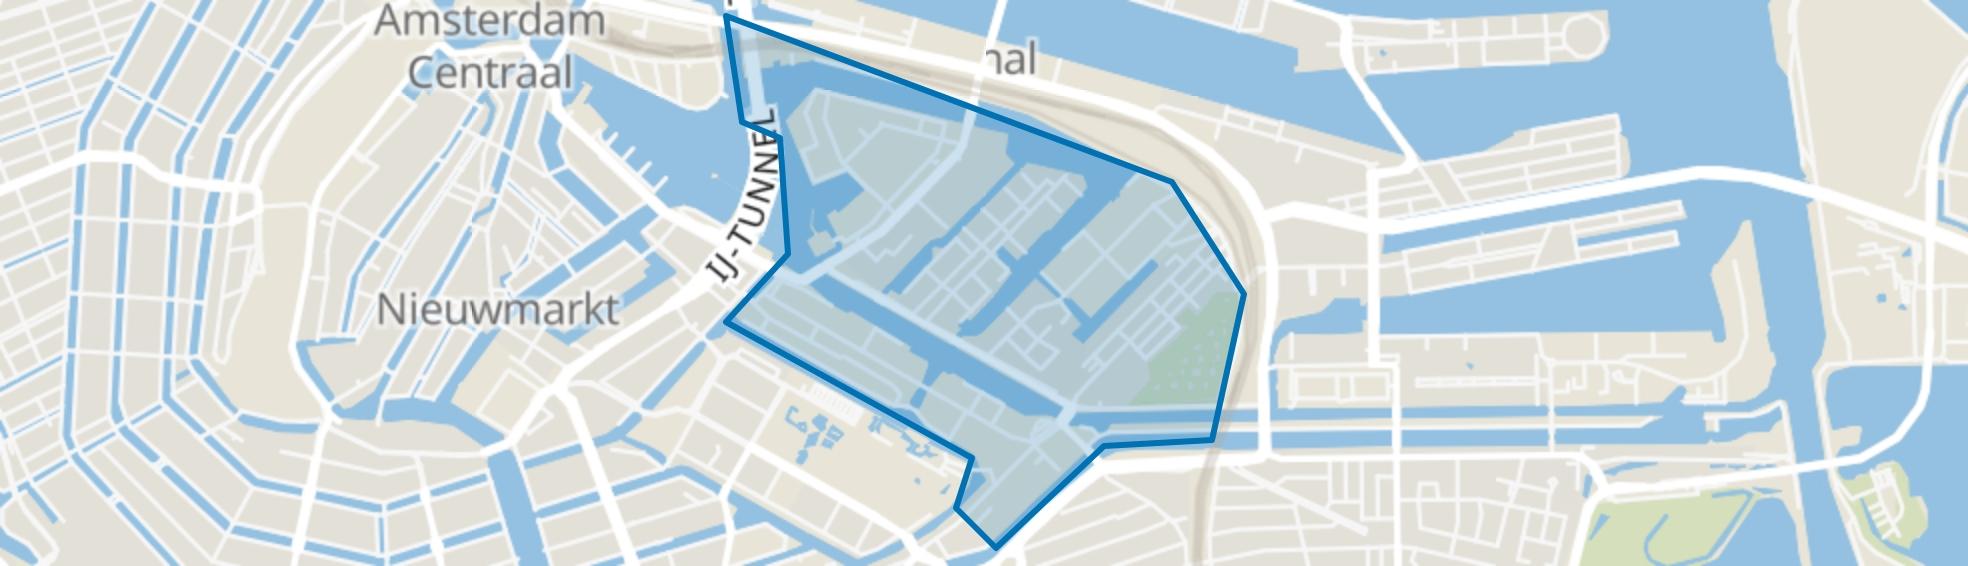 Oostelijke Eilanden/Kadijken, Amsterdam map